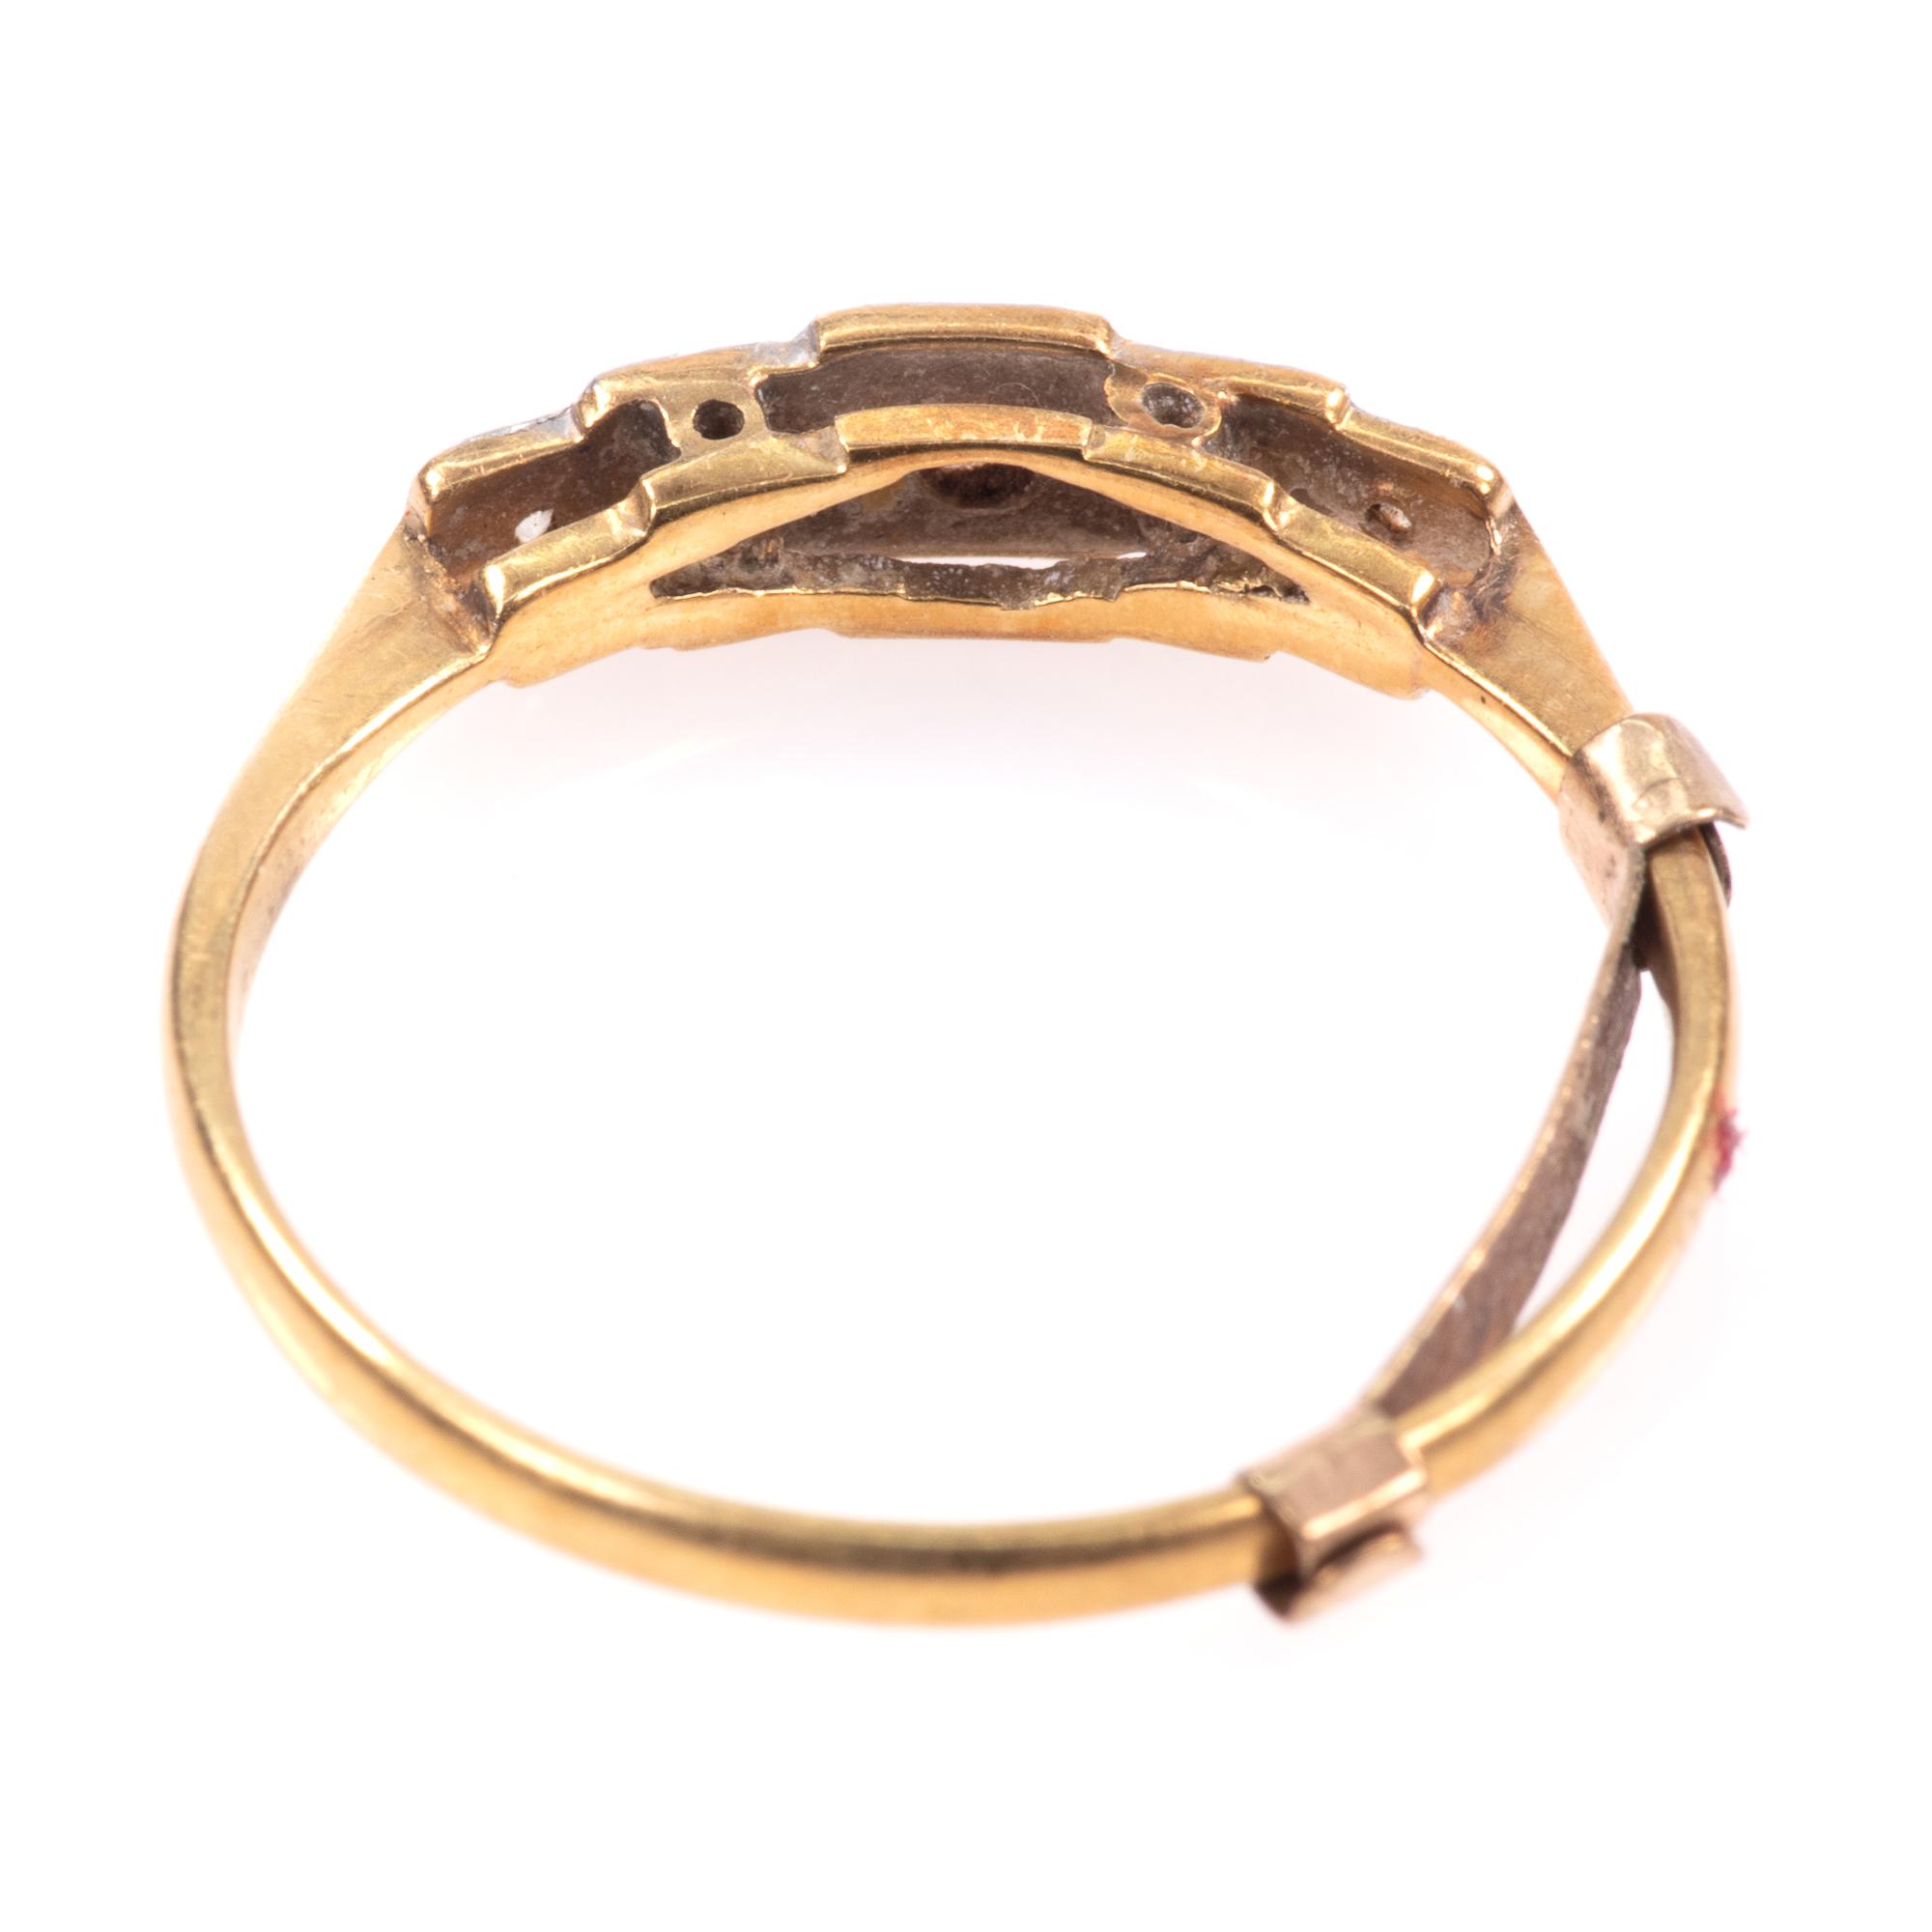 18ct Gold & Platinum Art Deco Diamond Ring - Image 6 of 9